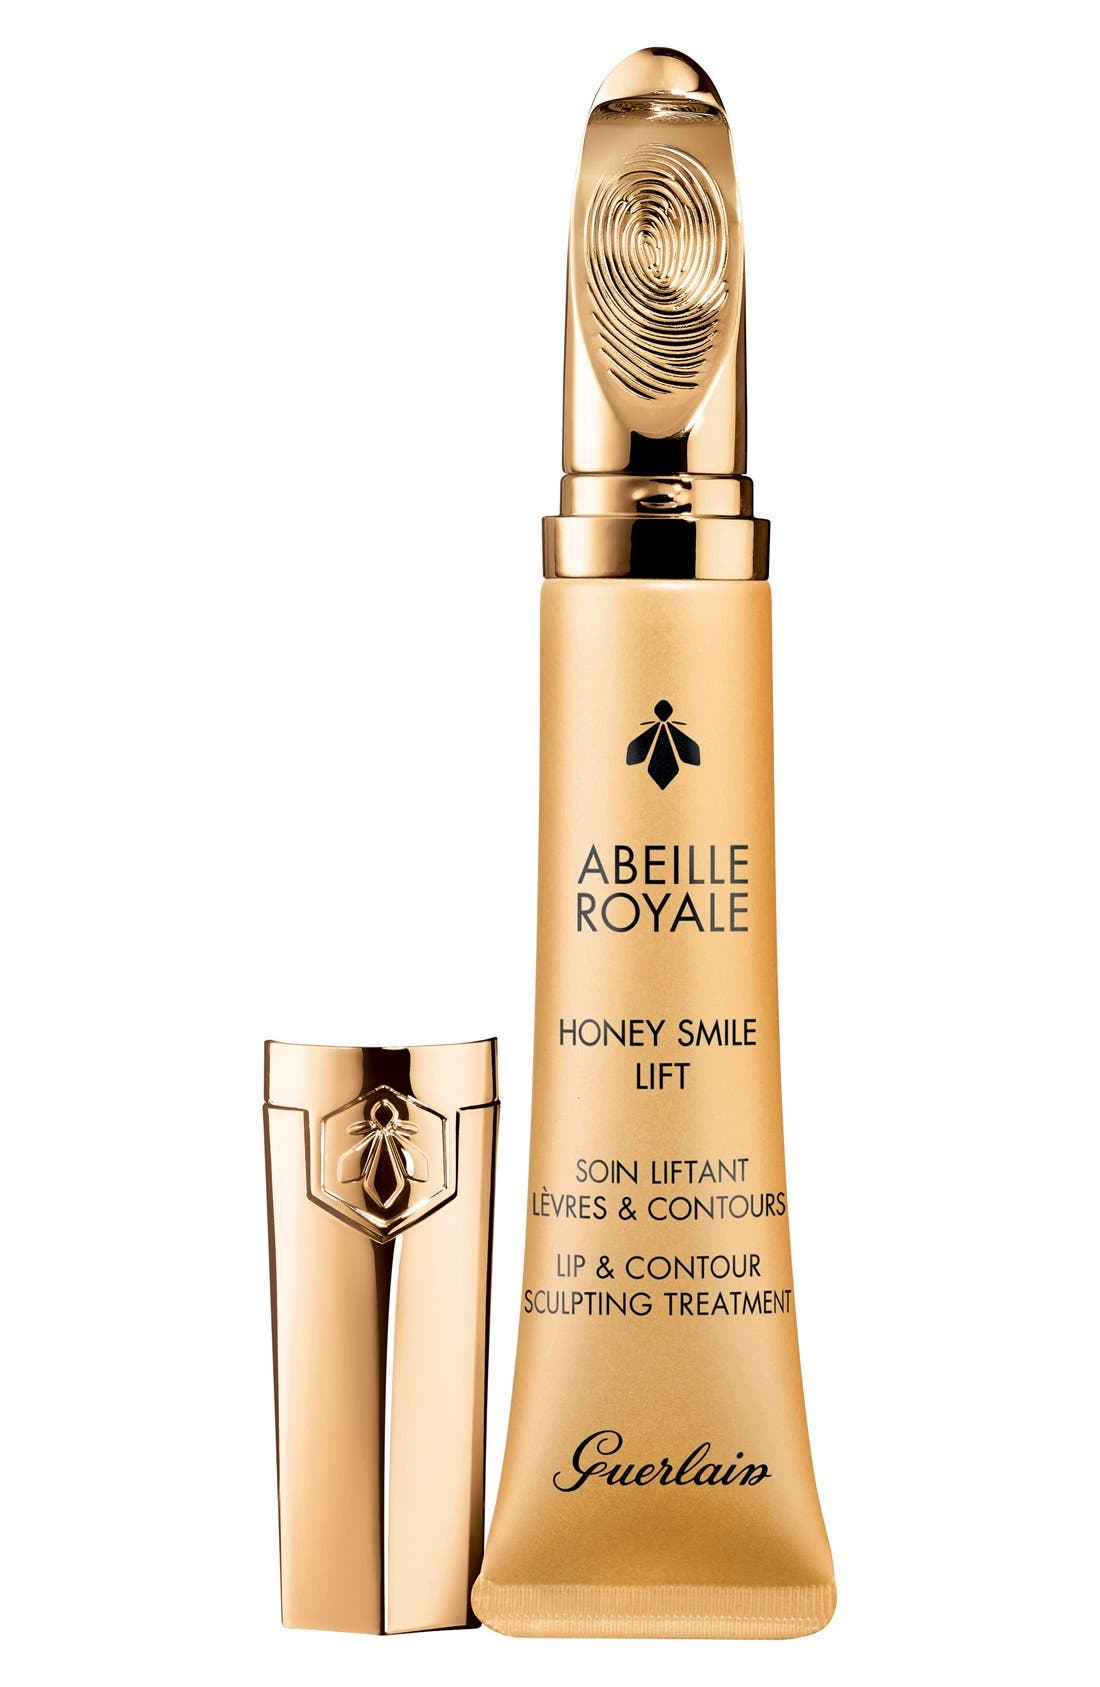 Guerlain 'Abeille Royale - Honey Smile Lift' Lip & Contour Sculpting Treatment